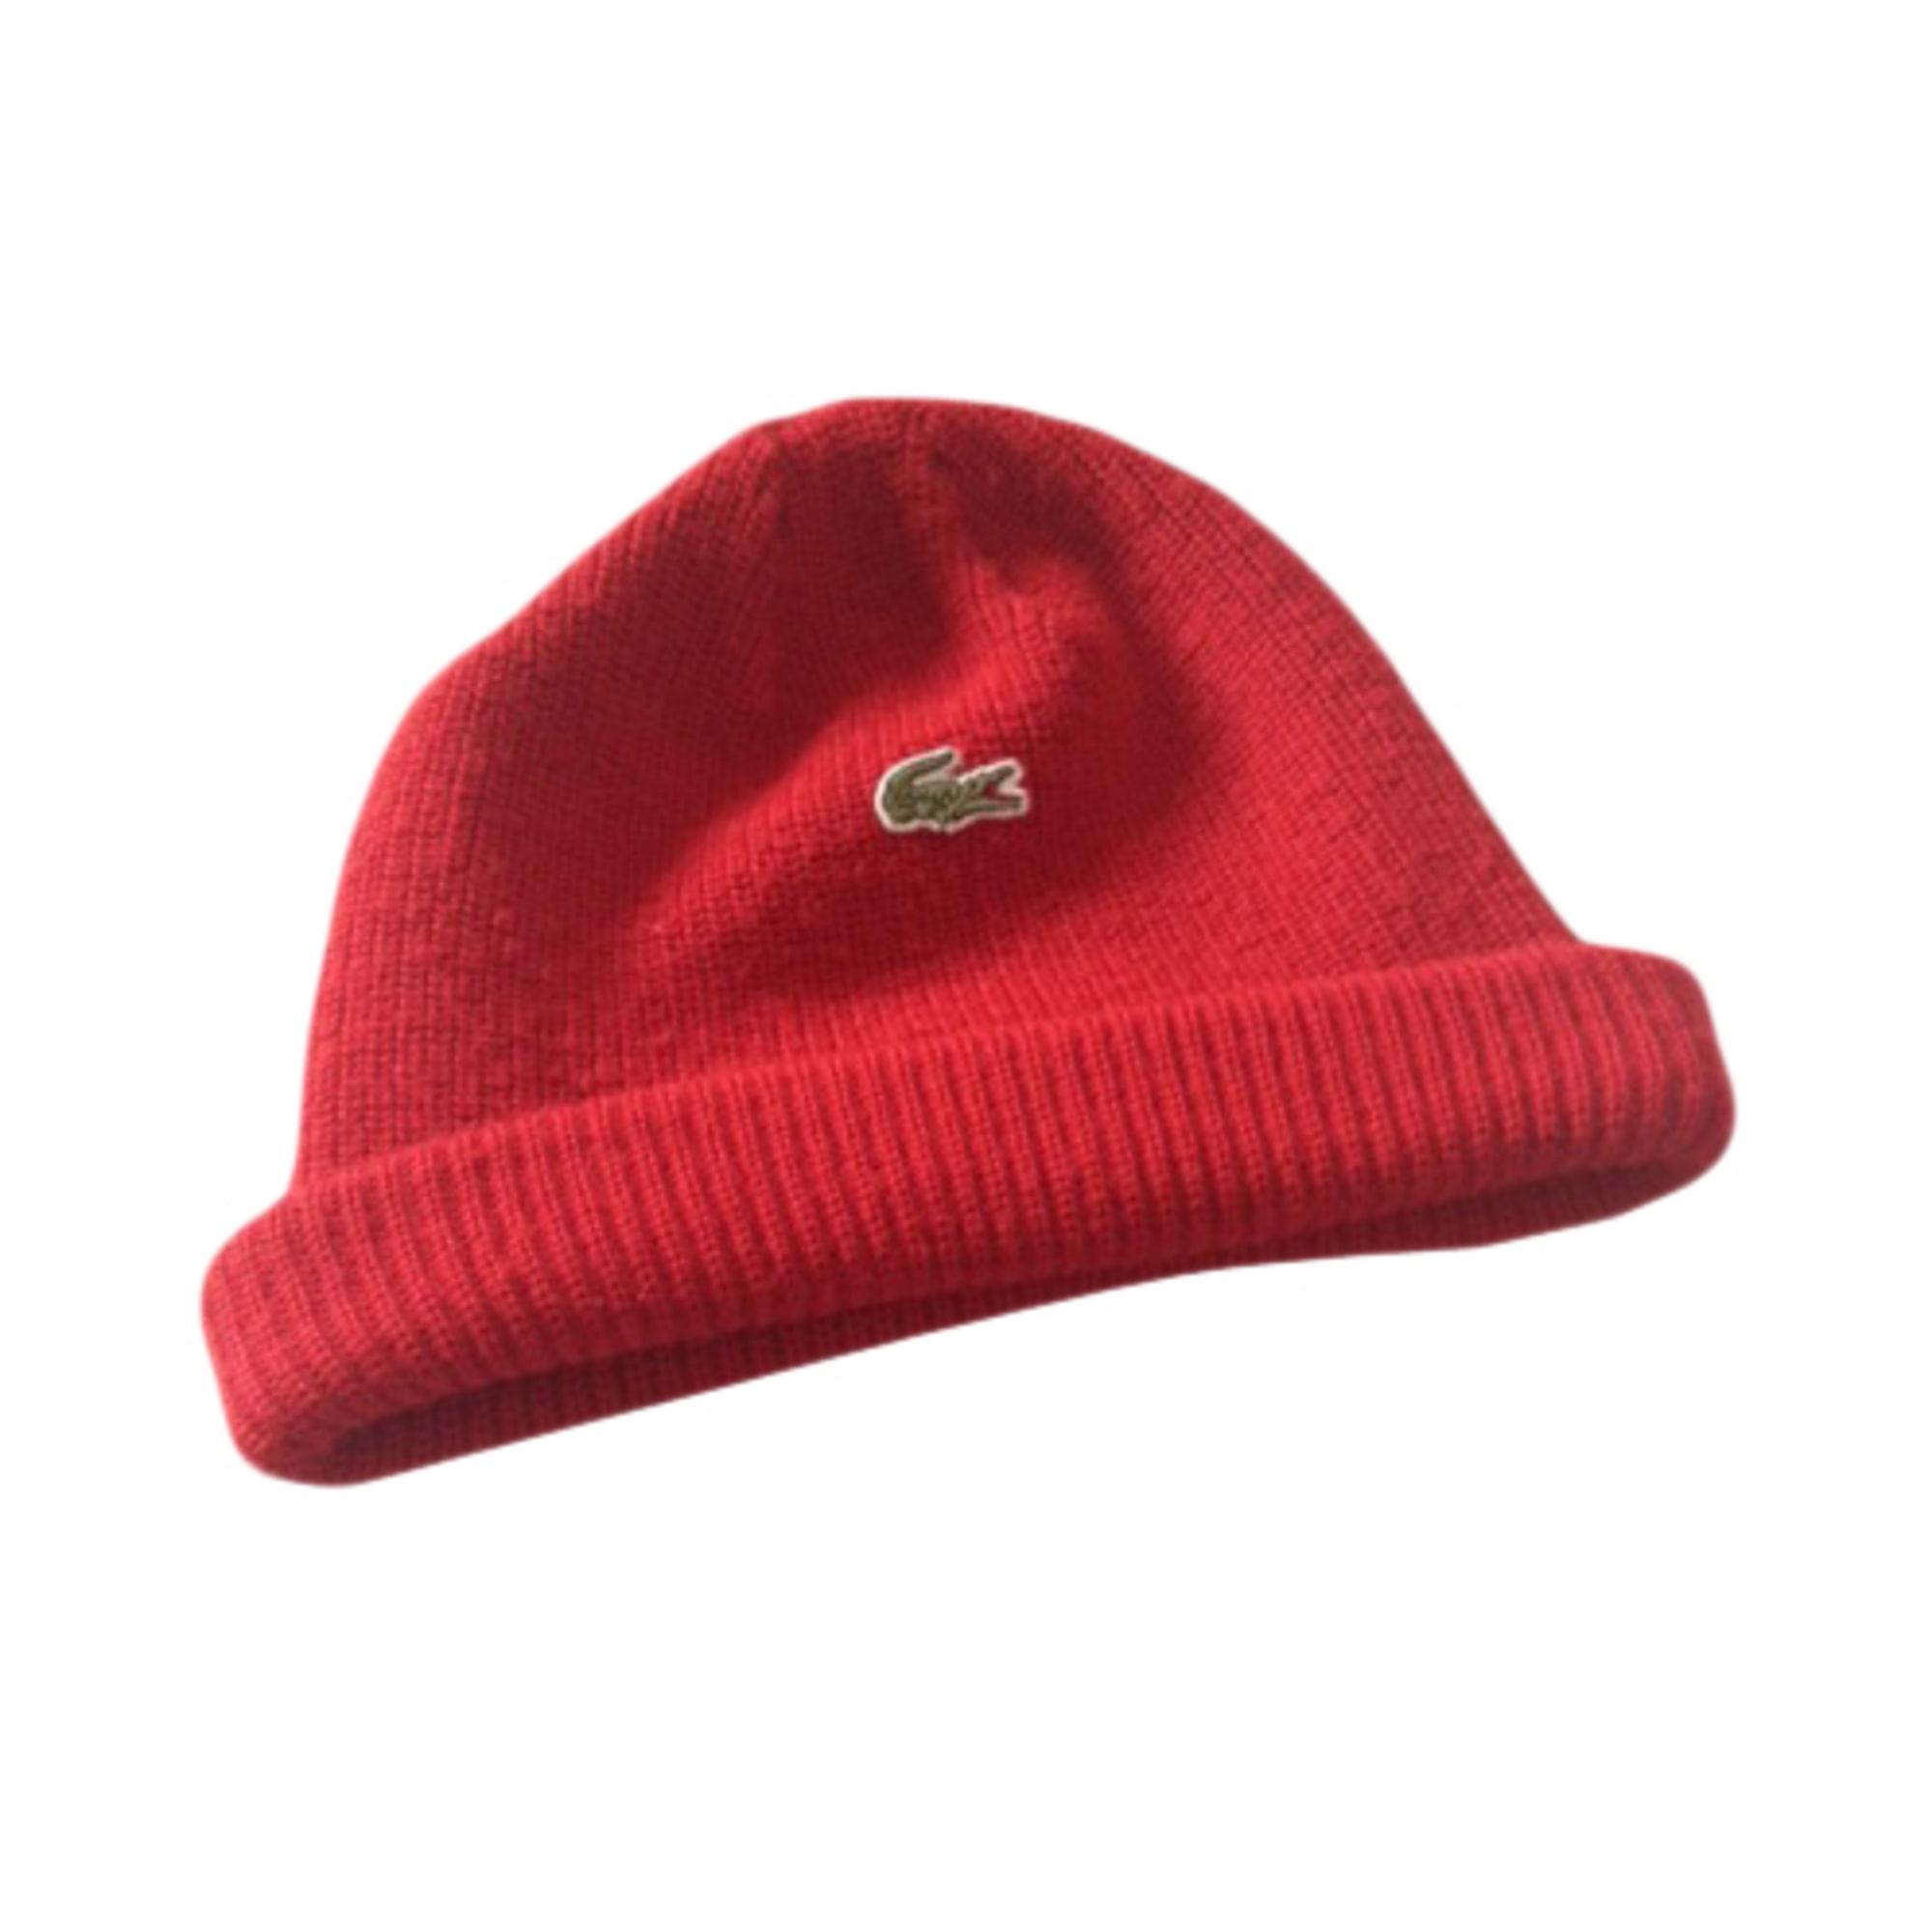 Bonnet LACOSTE Taille unique rouge vendu par Perrine68461634 - 2876505 465c69079b5